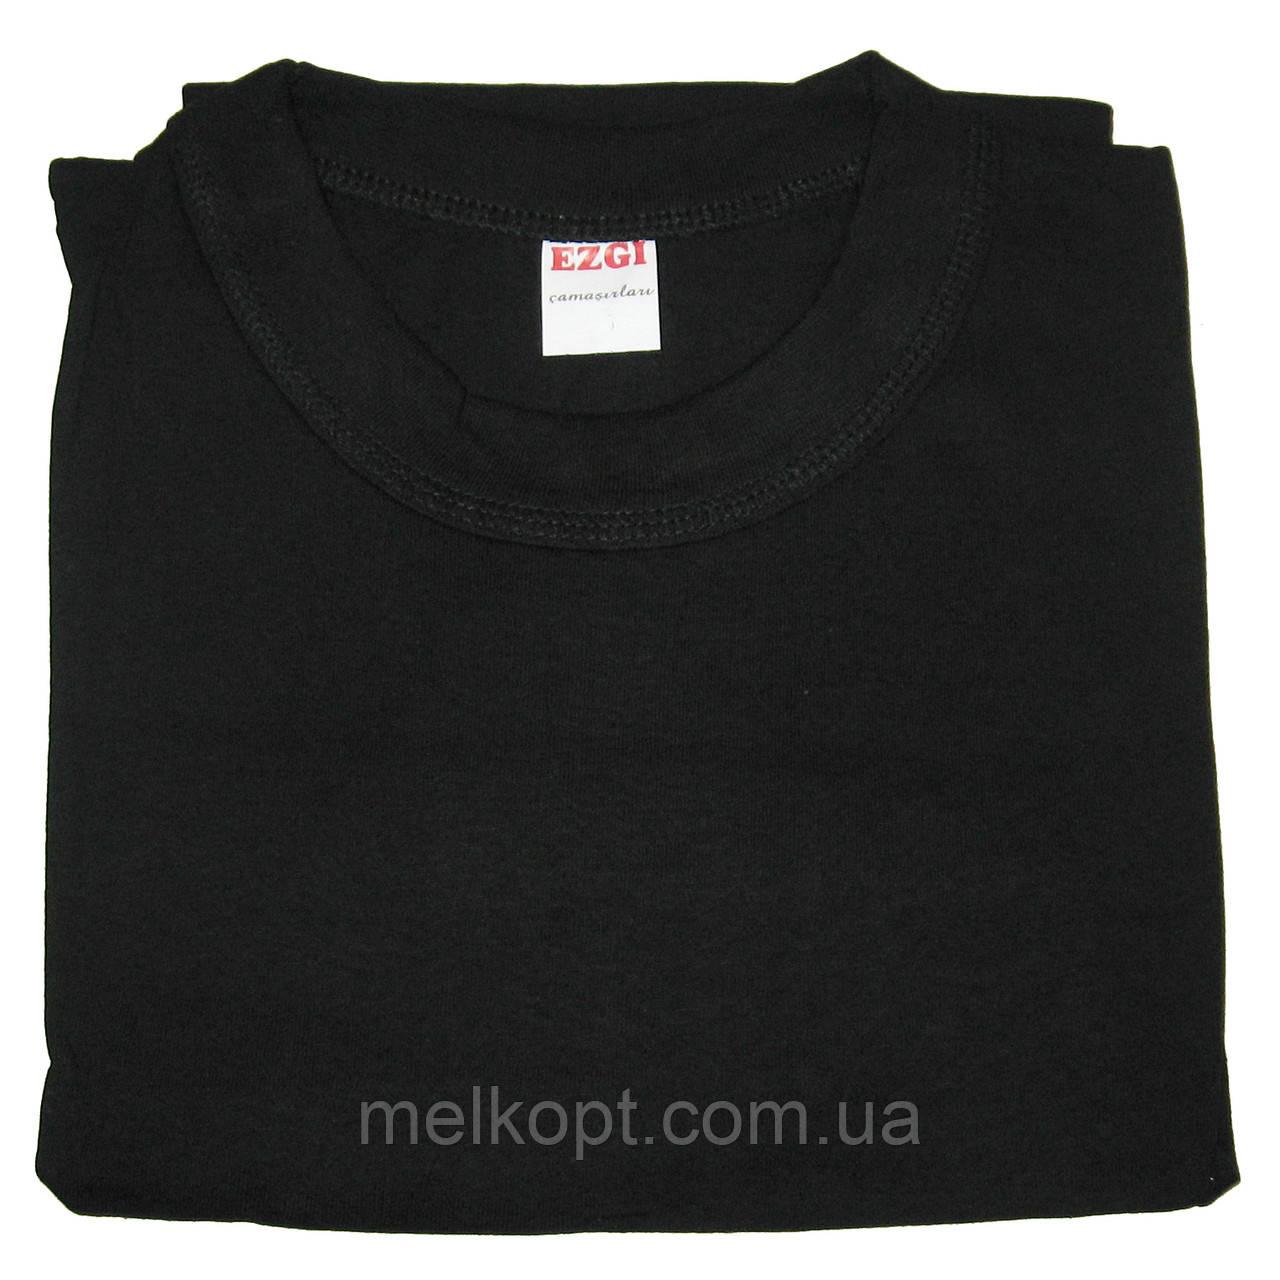 Мужские футболки Ezgi - 67,00 грн./шт. (66-й размер, черные)